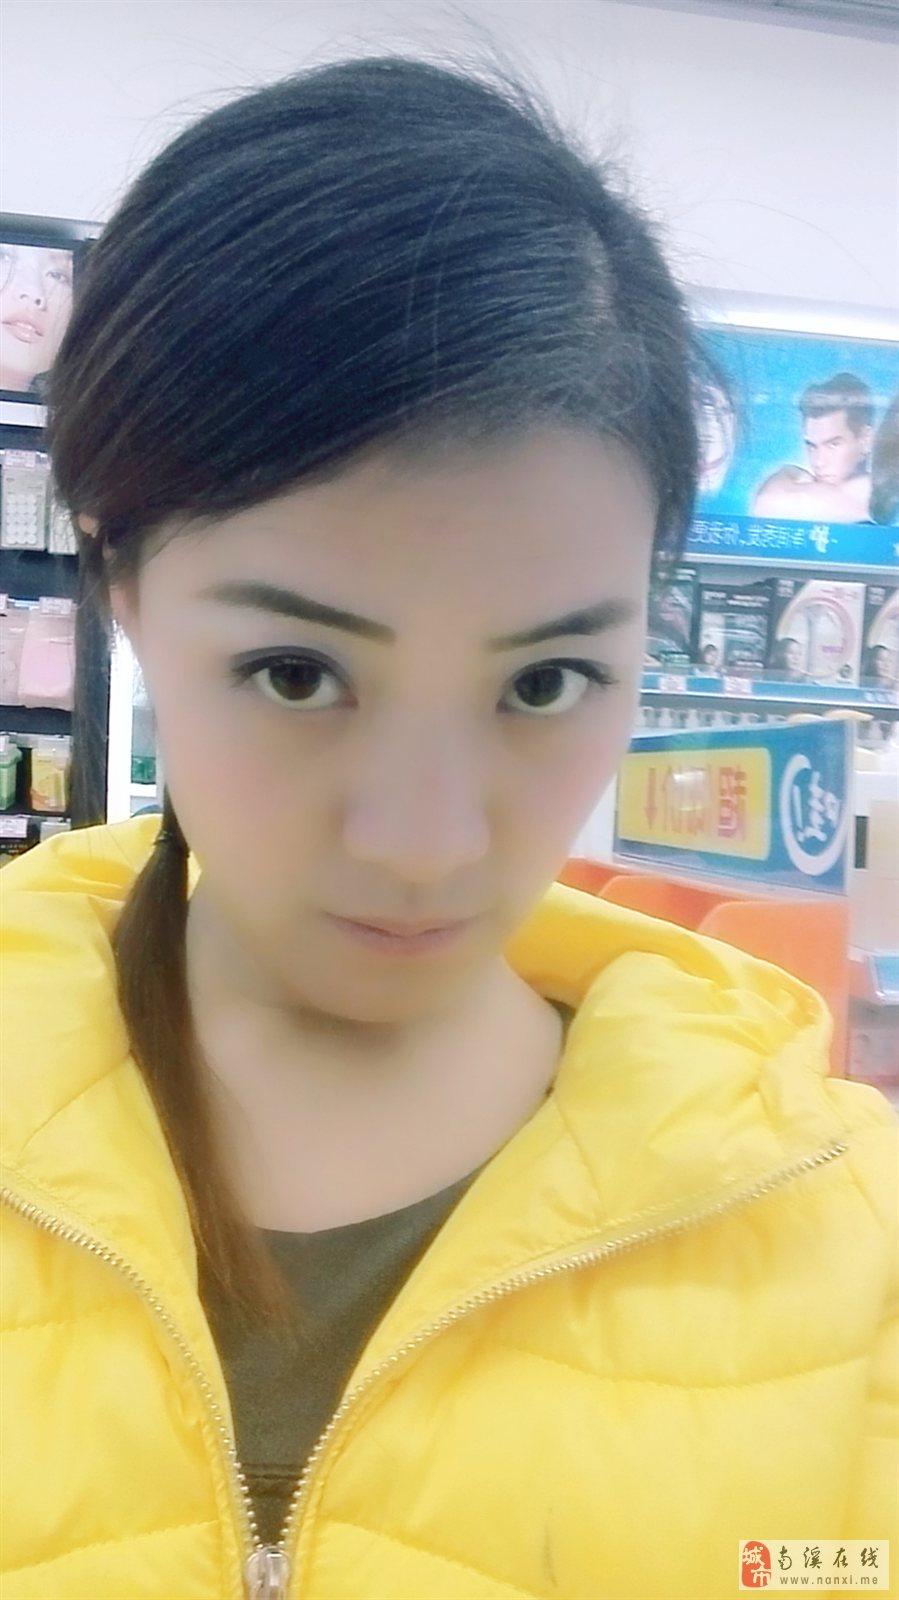 【美女秀场】李小慧 27岁